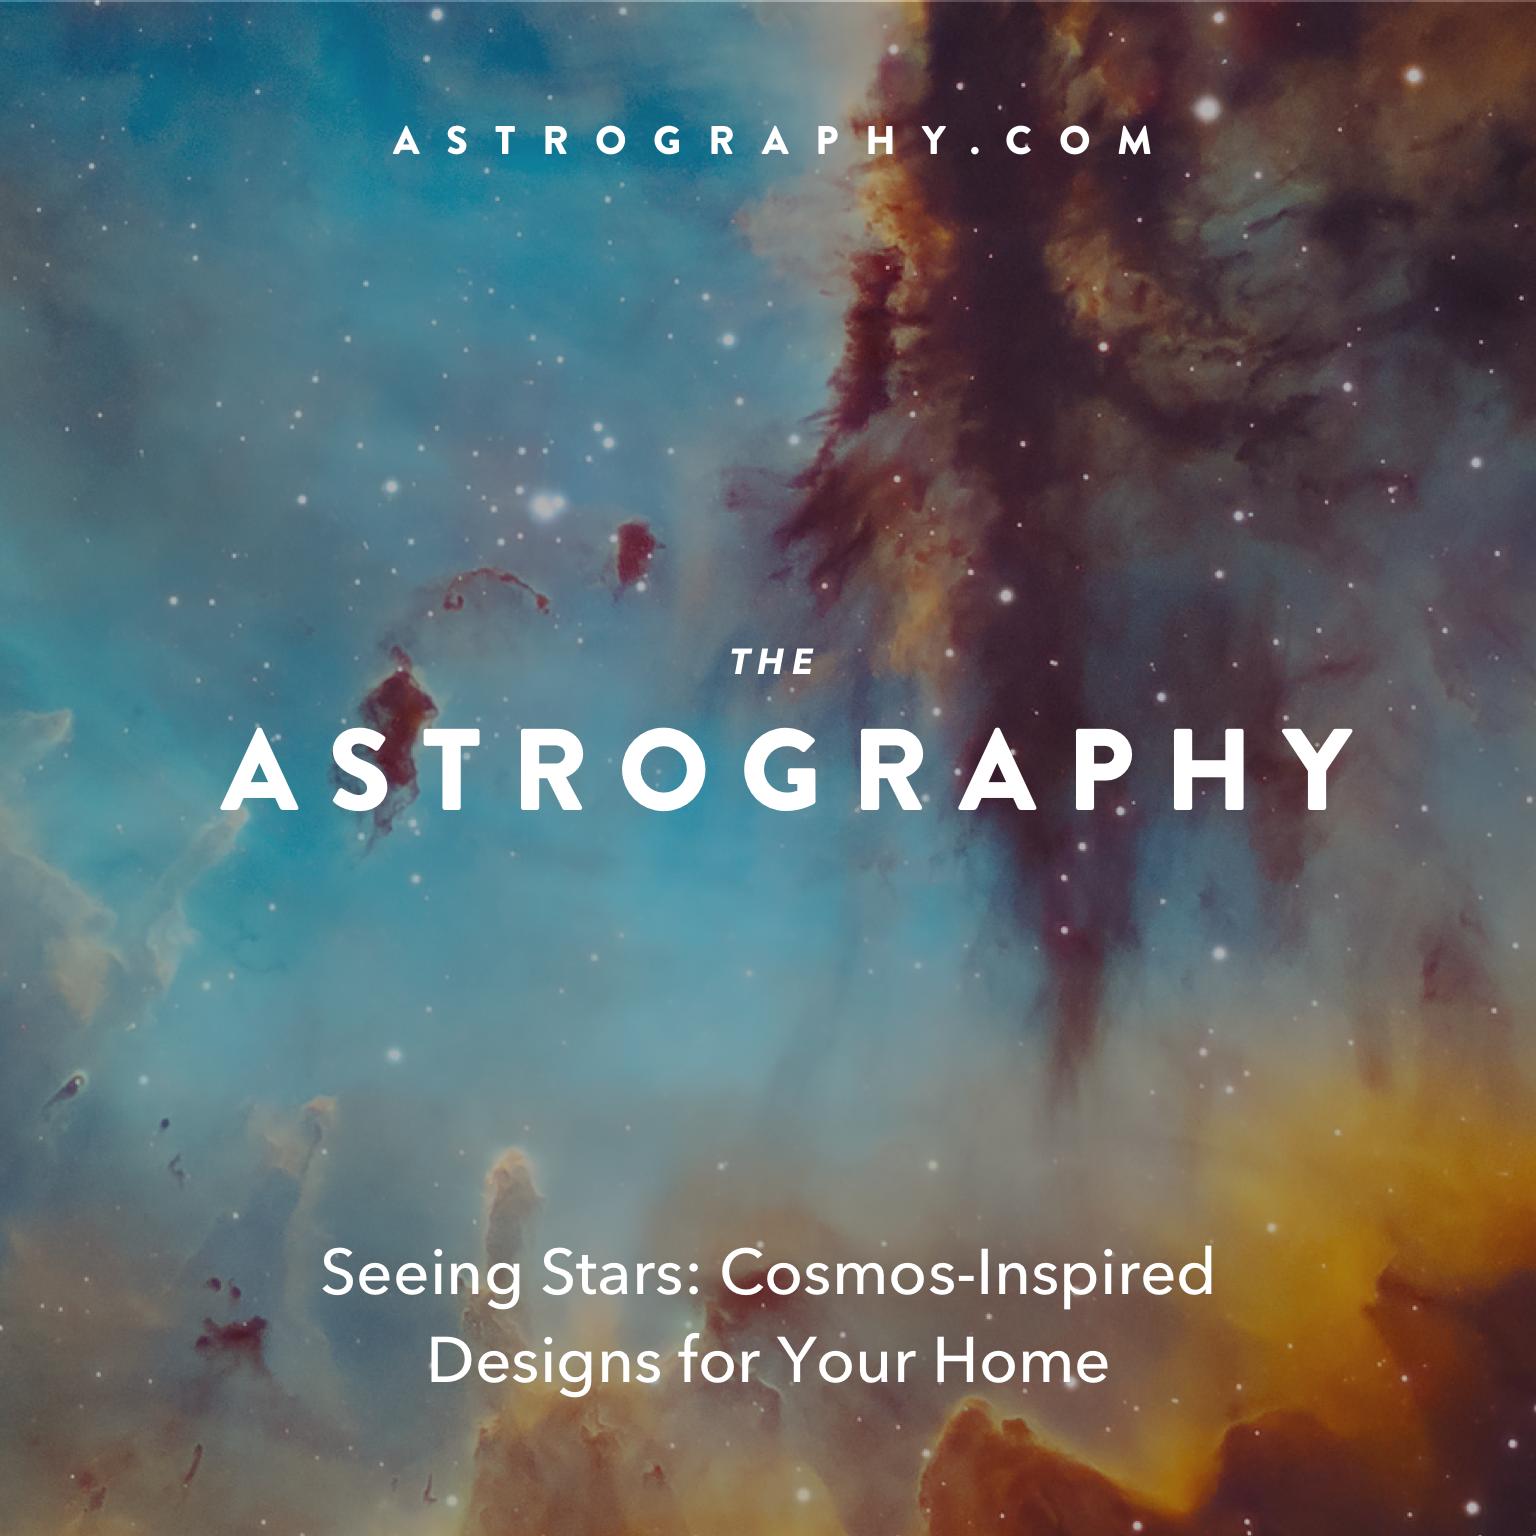 Pracownia astrofotografii Astrography.com wesprze polską edycję Astronomy Picture Of the Day